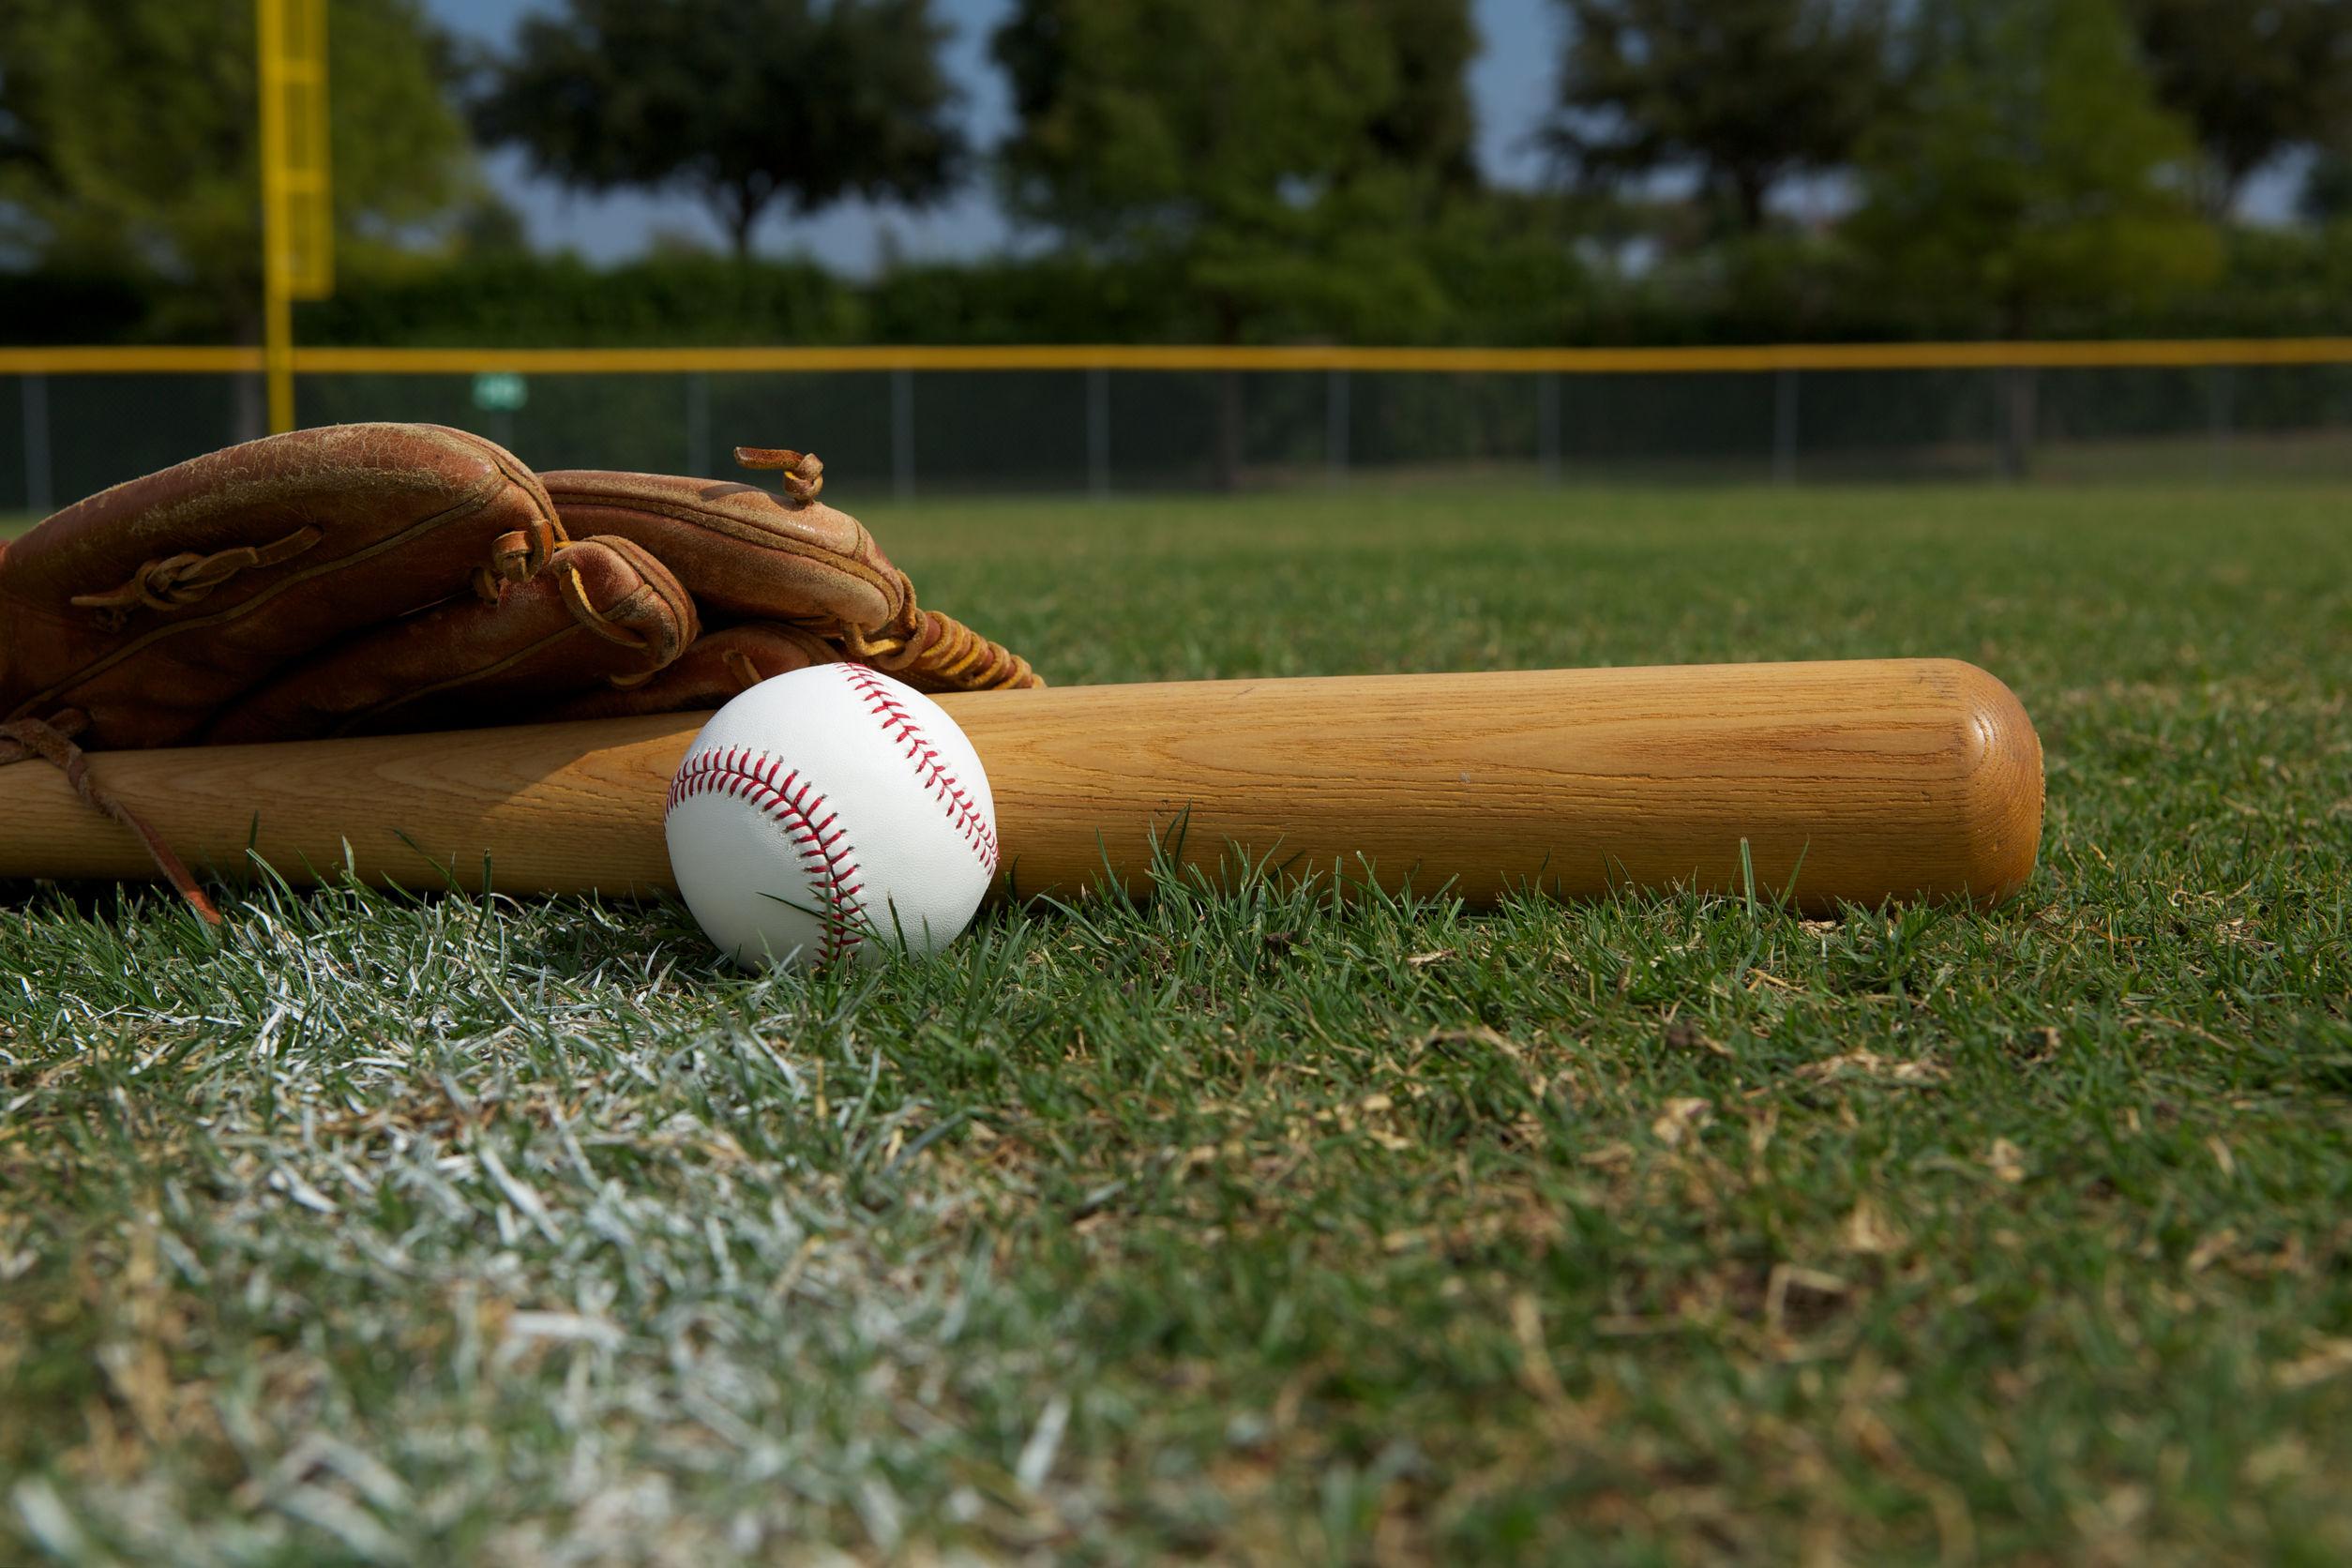 Miglior mazza da baseball 2020: Guida all'acquisto